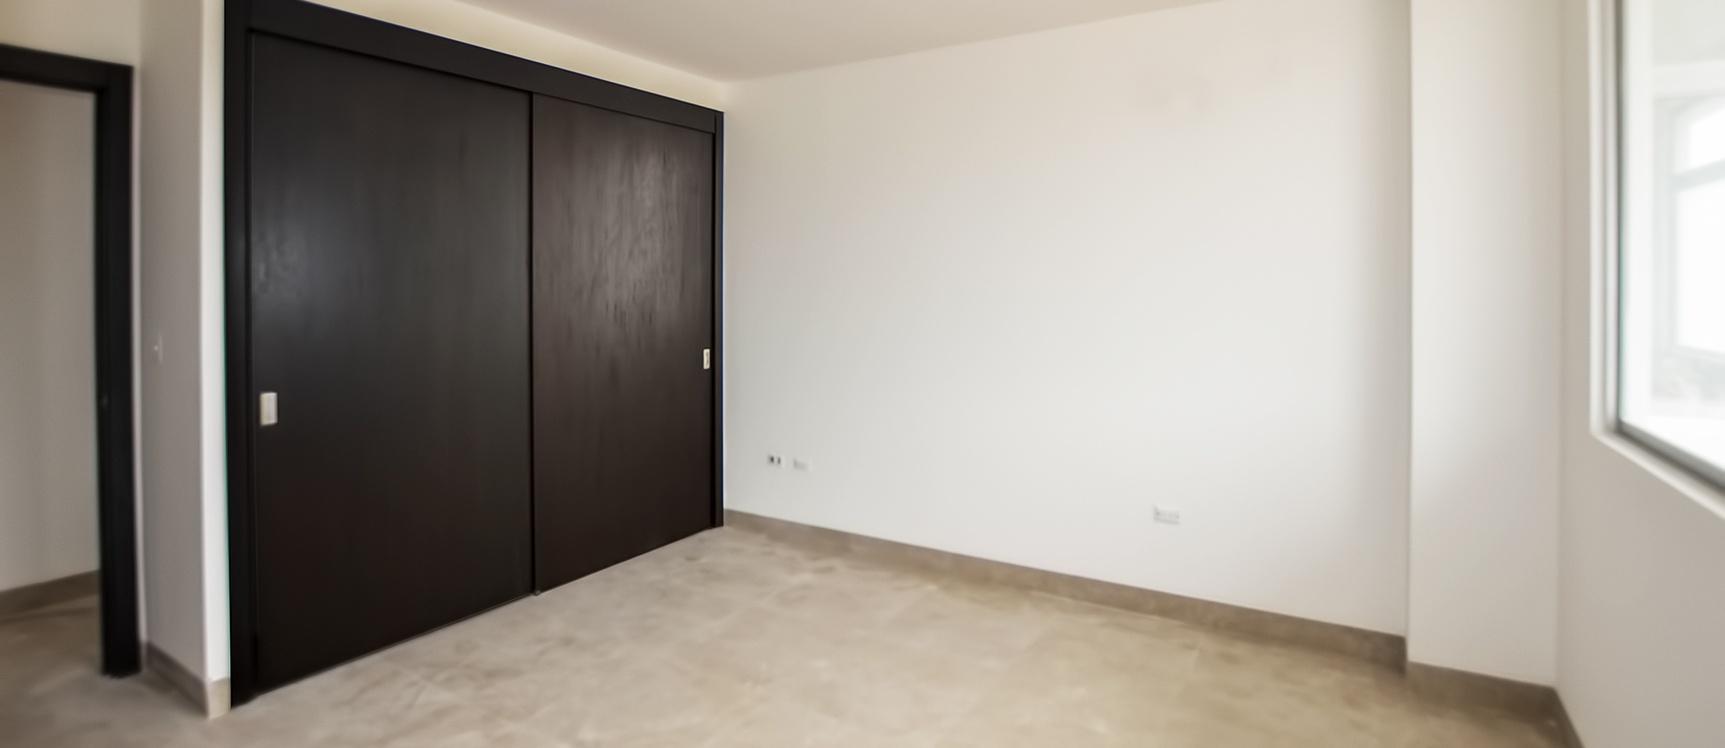 GeoBienes - Departamento en tercer piso en venta sector Samborondón - Plusvalia Guayaquil Casas de venta y alquiler Inmobiliaria Ecuador